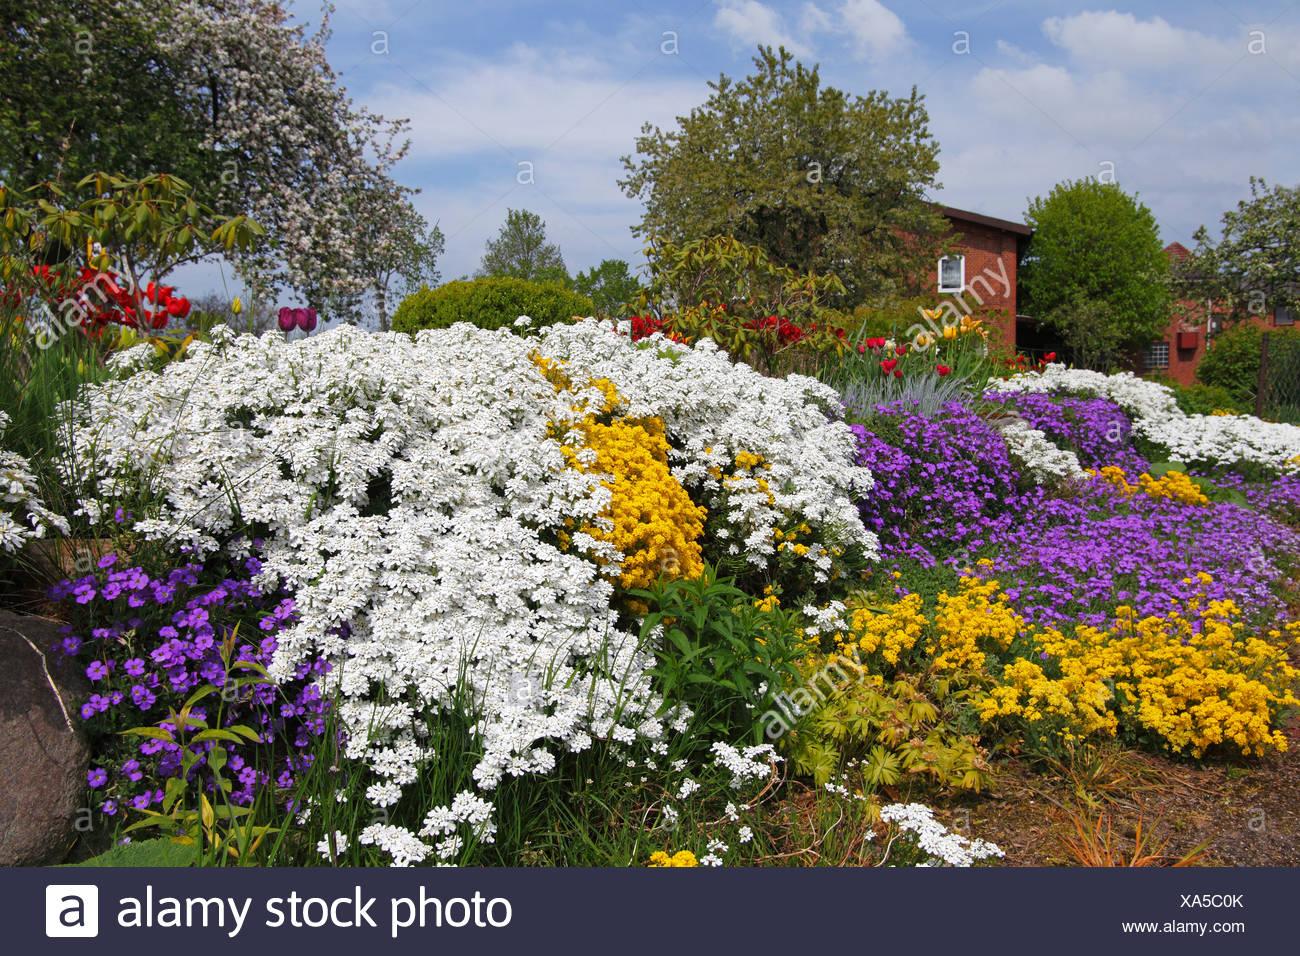 Ländlichen Garten im Frühjahr mit krautigen Pflanzen wie weiße immergrüne Schleifenblume (Iberis Sempervirens), yellow Basket of Gold oder Stockbild